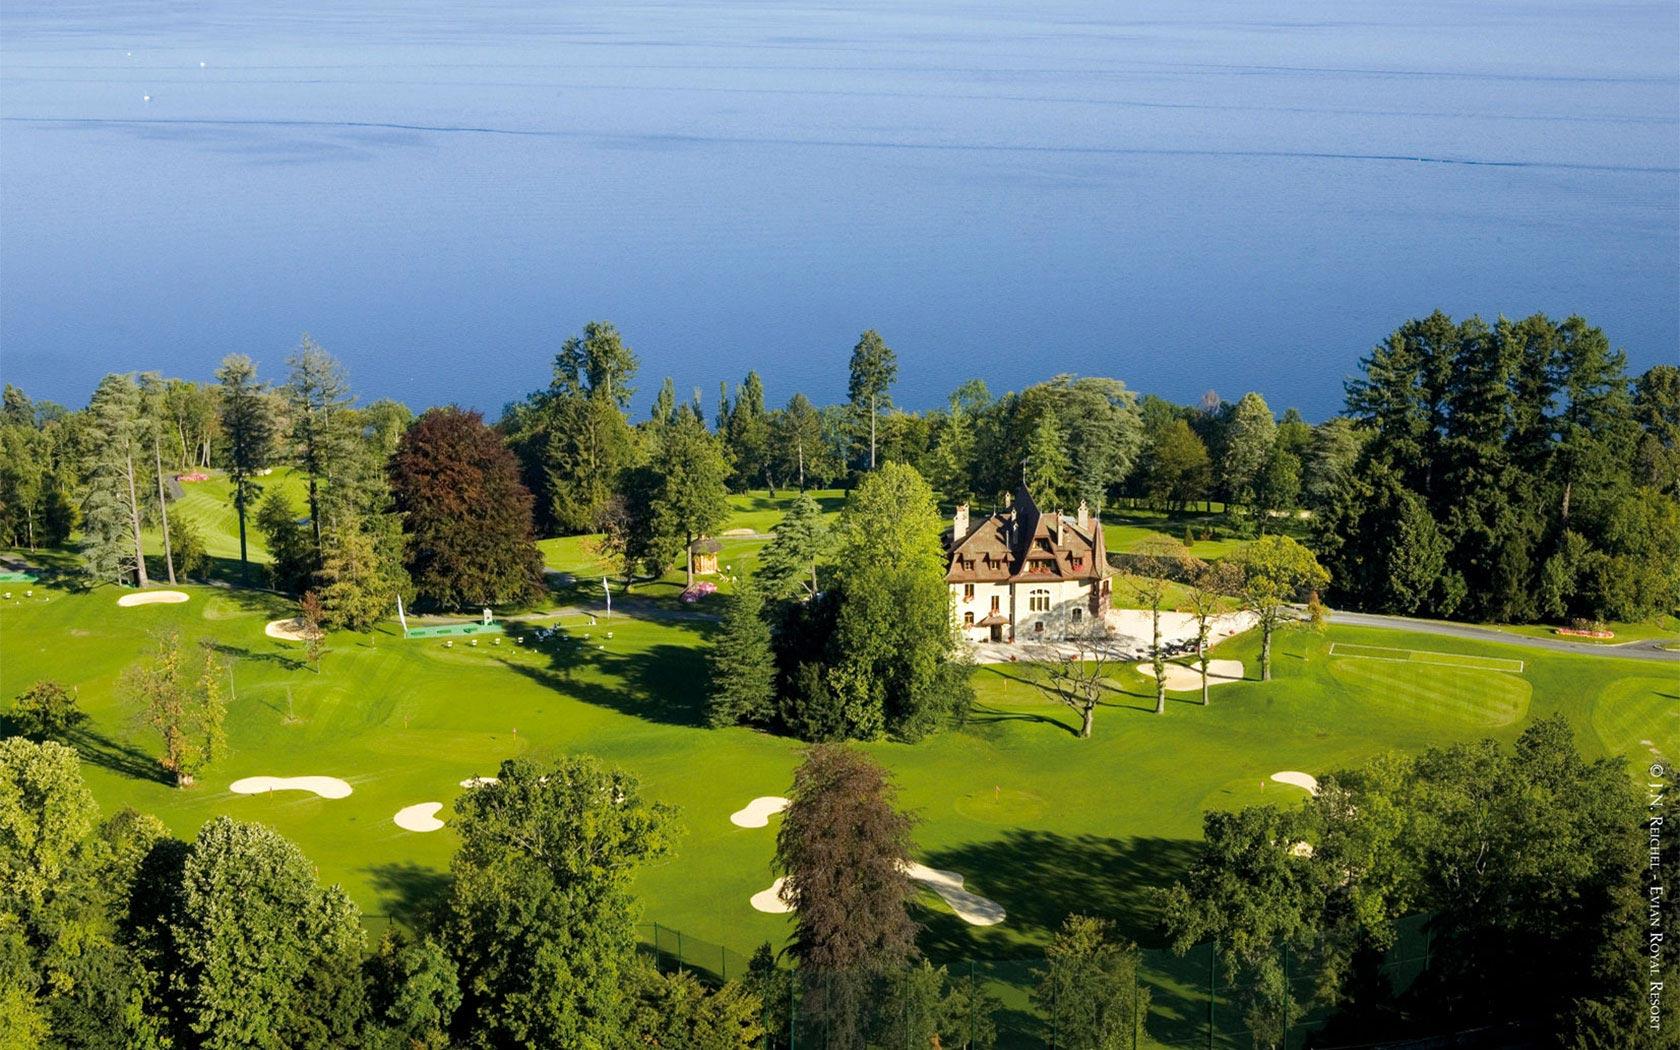 Evian Golf Academy